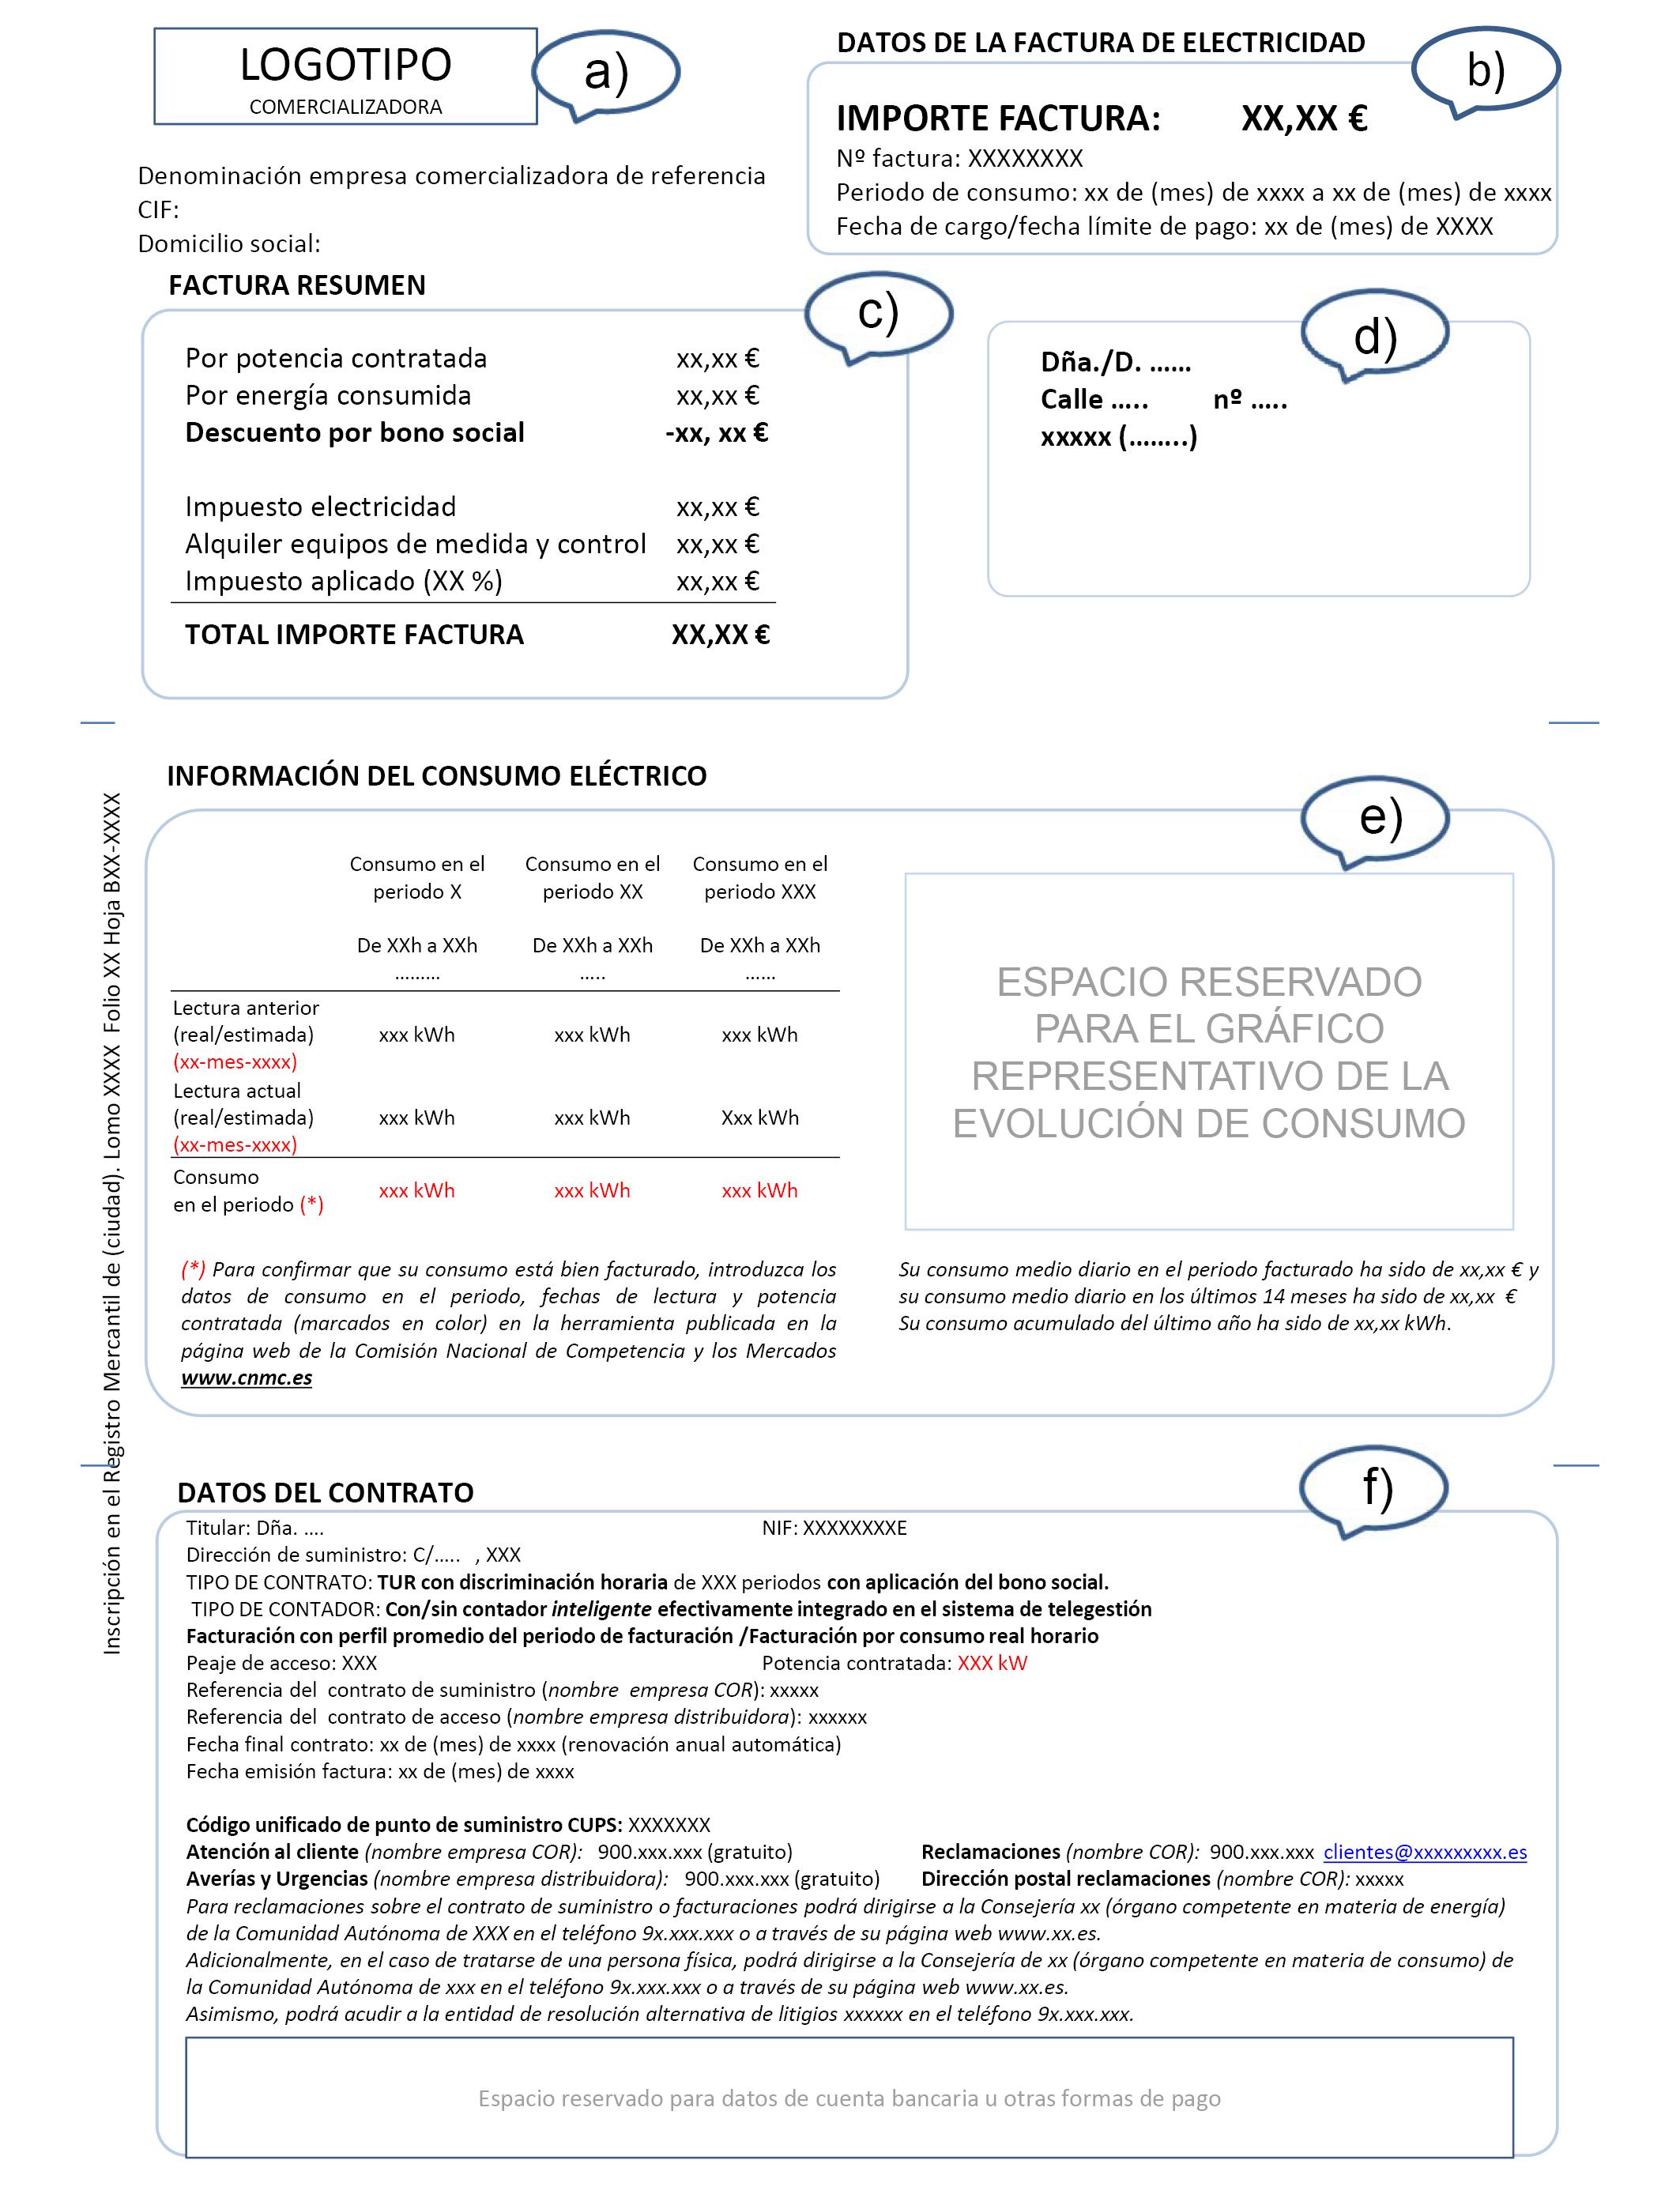 Las regulaciones de contratos por diferencia (obligaciones del proveedor de electricidad) 2014